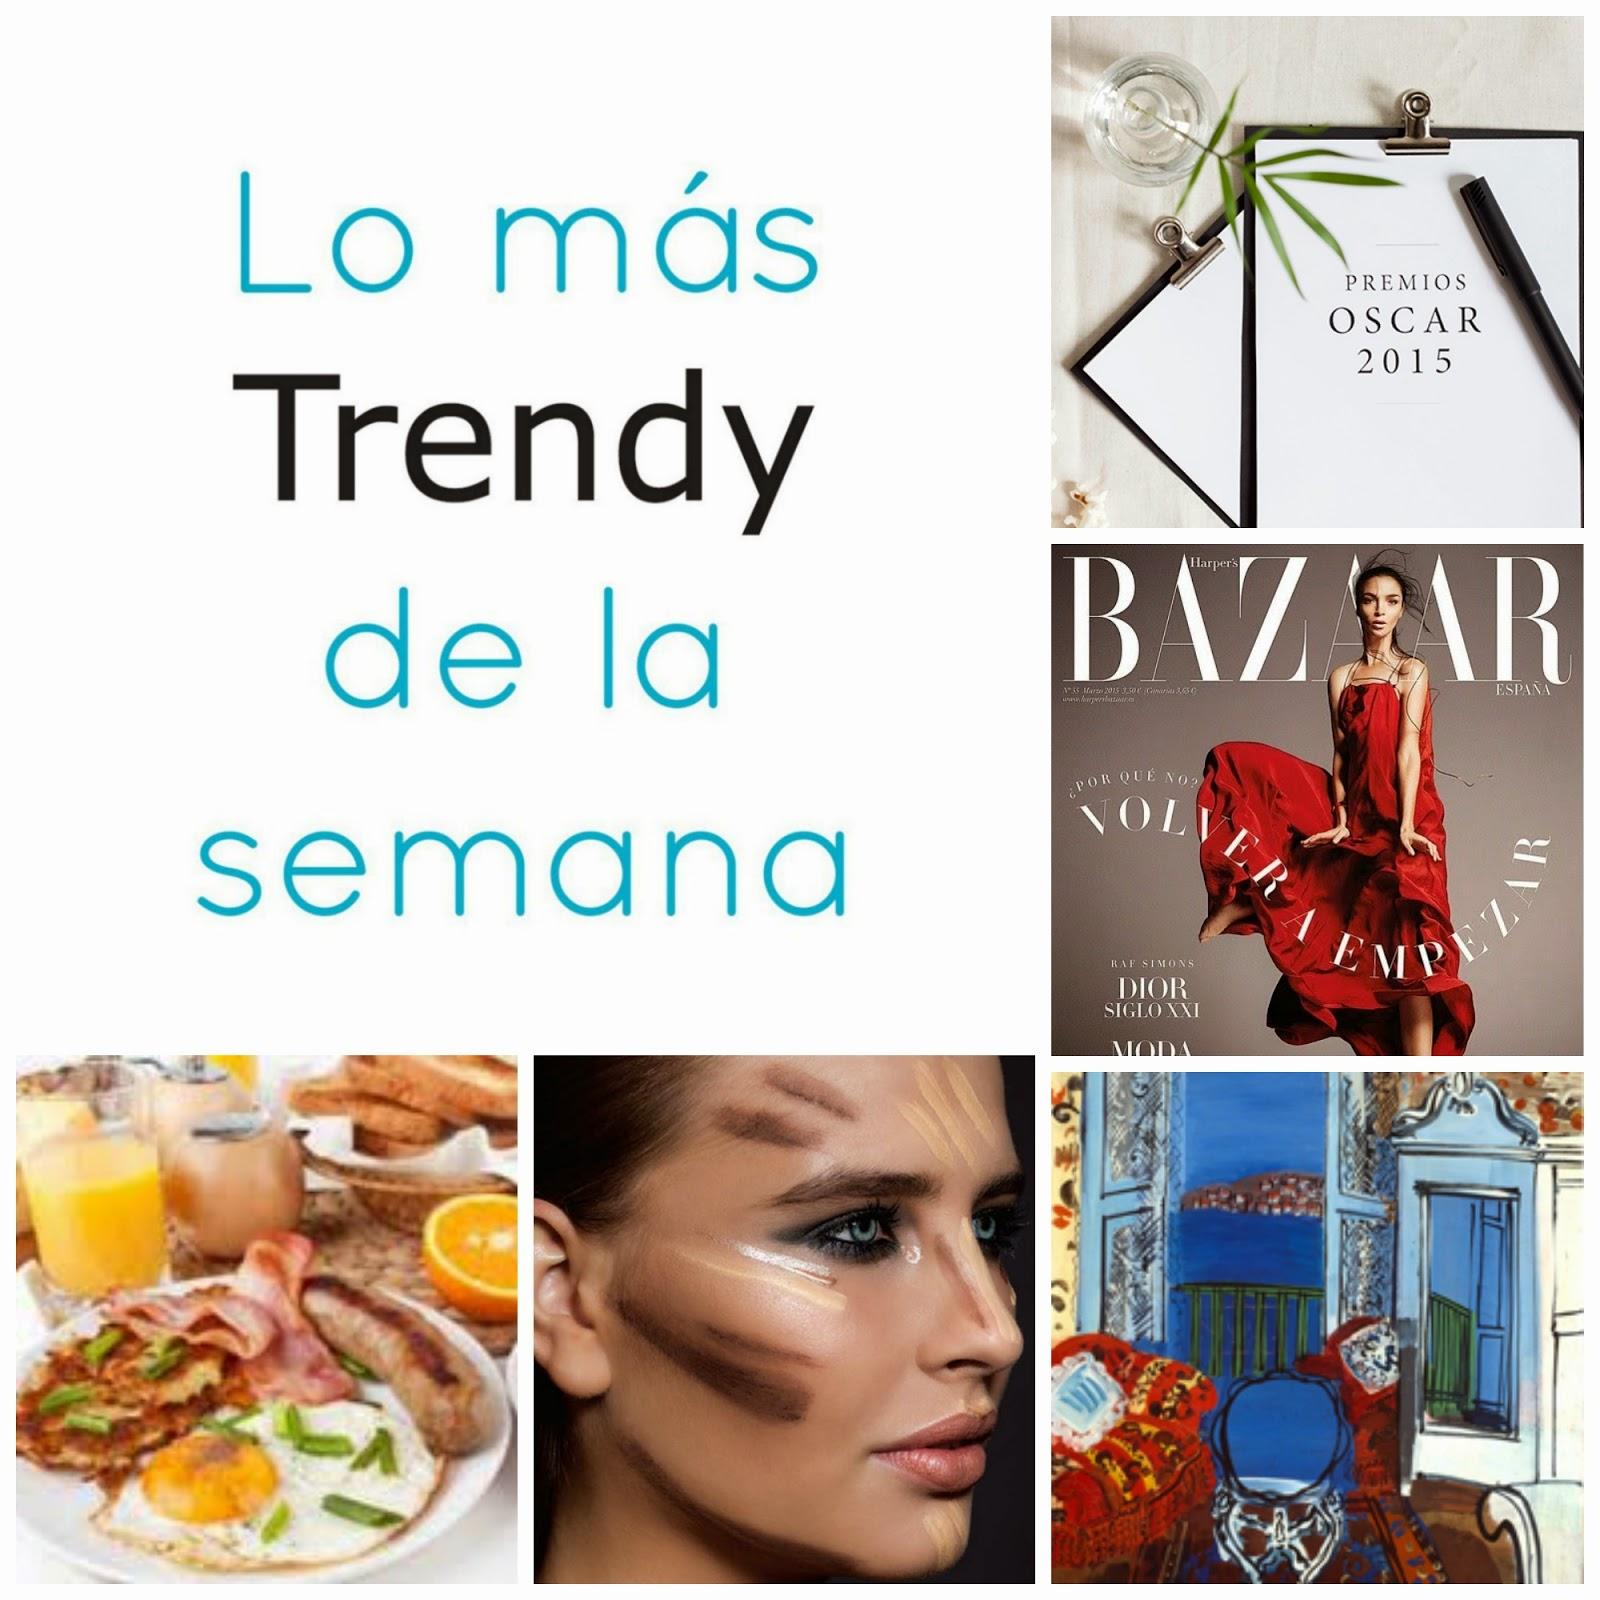 Lo mas trendy de la semana recomendaciones planes fin de semana revista moda belleza madrid